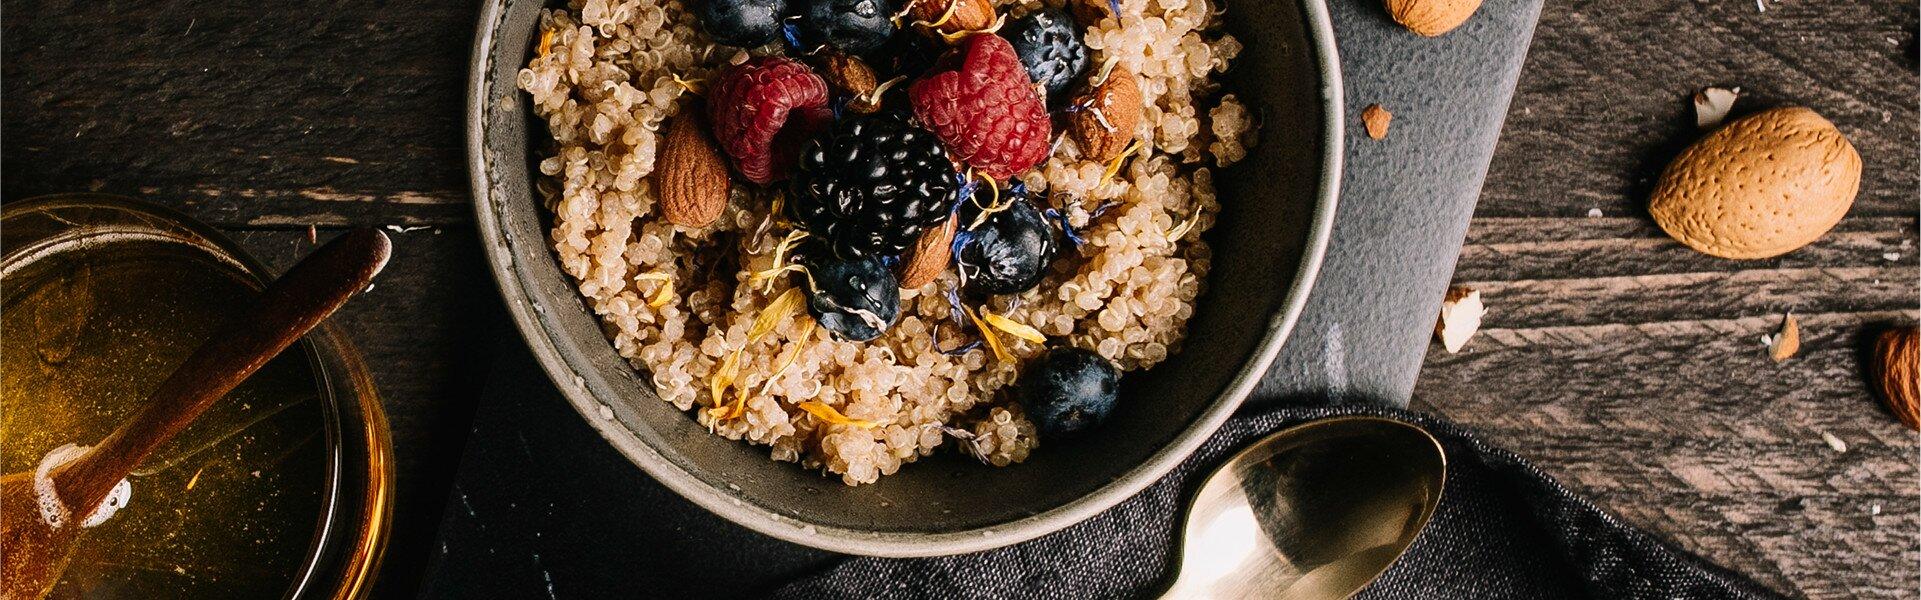 landing-porridge-glutenfrei-header.jpg